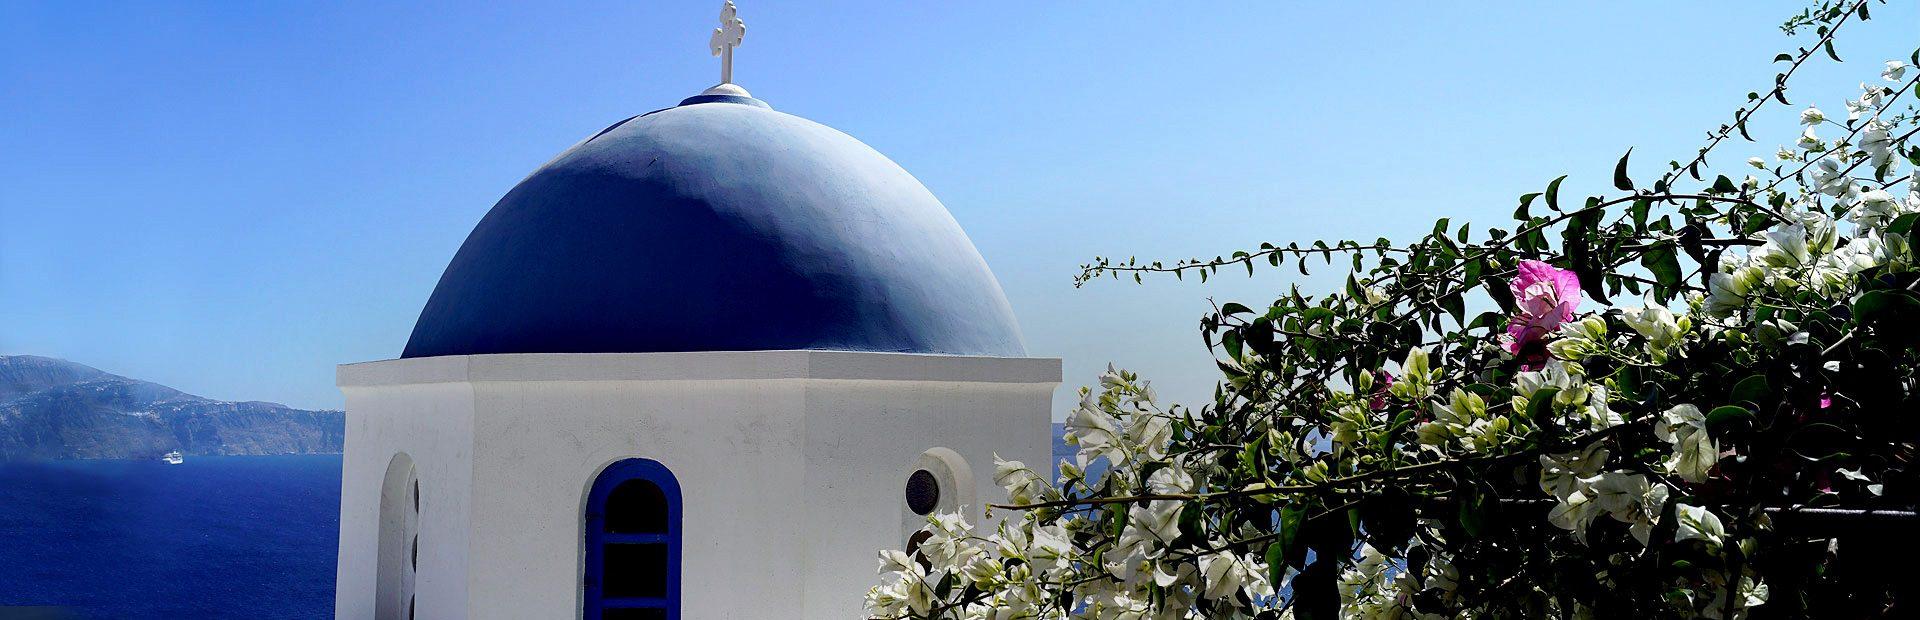 Griechenland Reisen vom Experten erlebe Griechenland